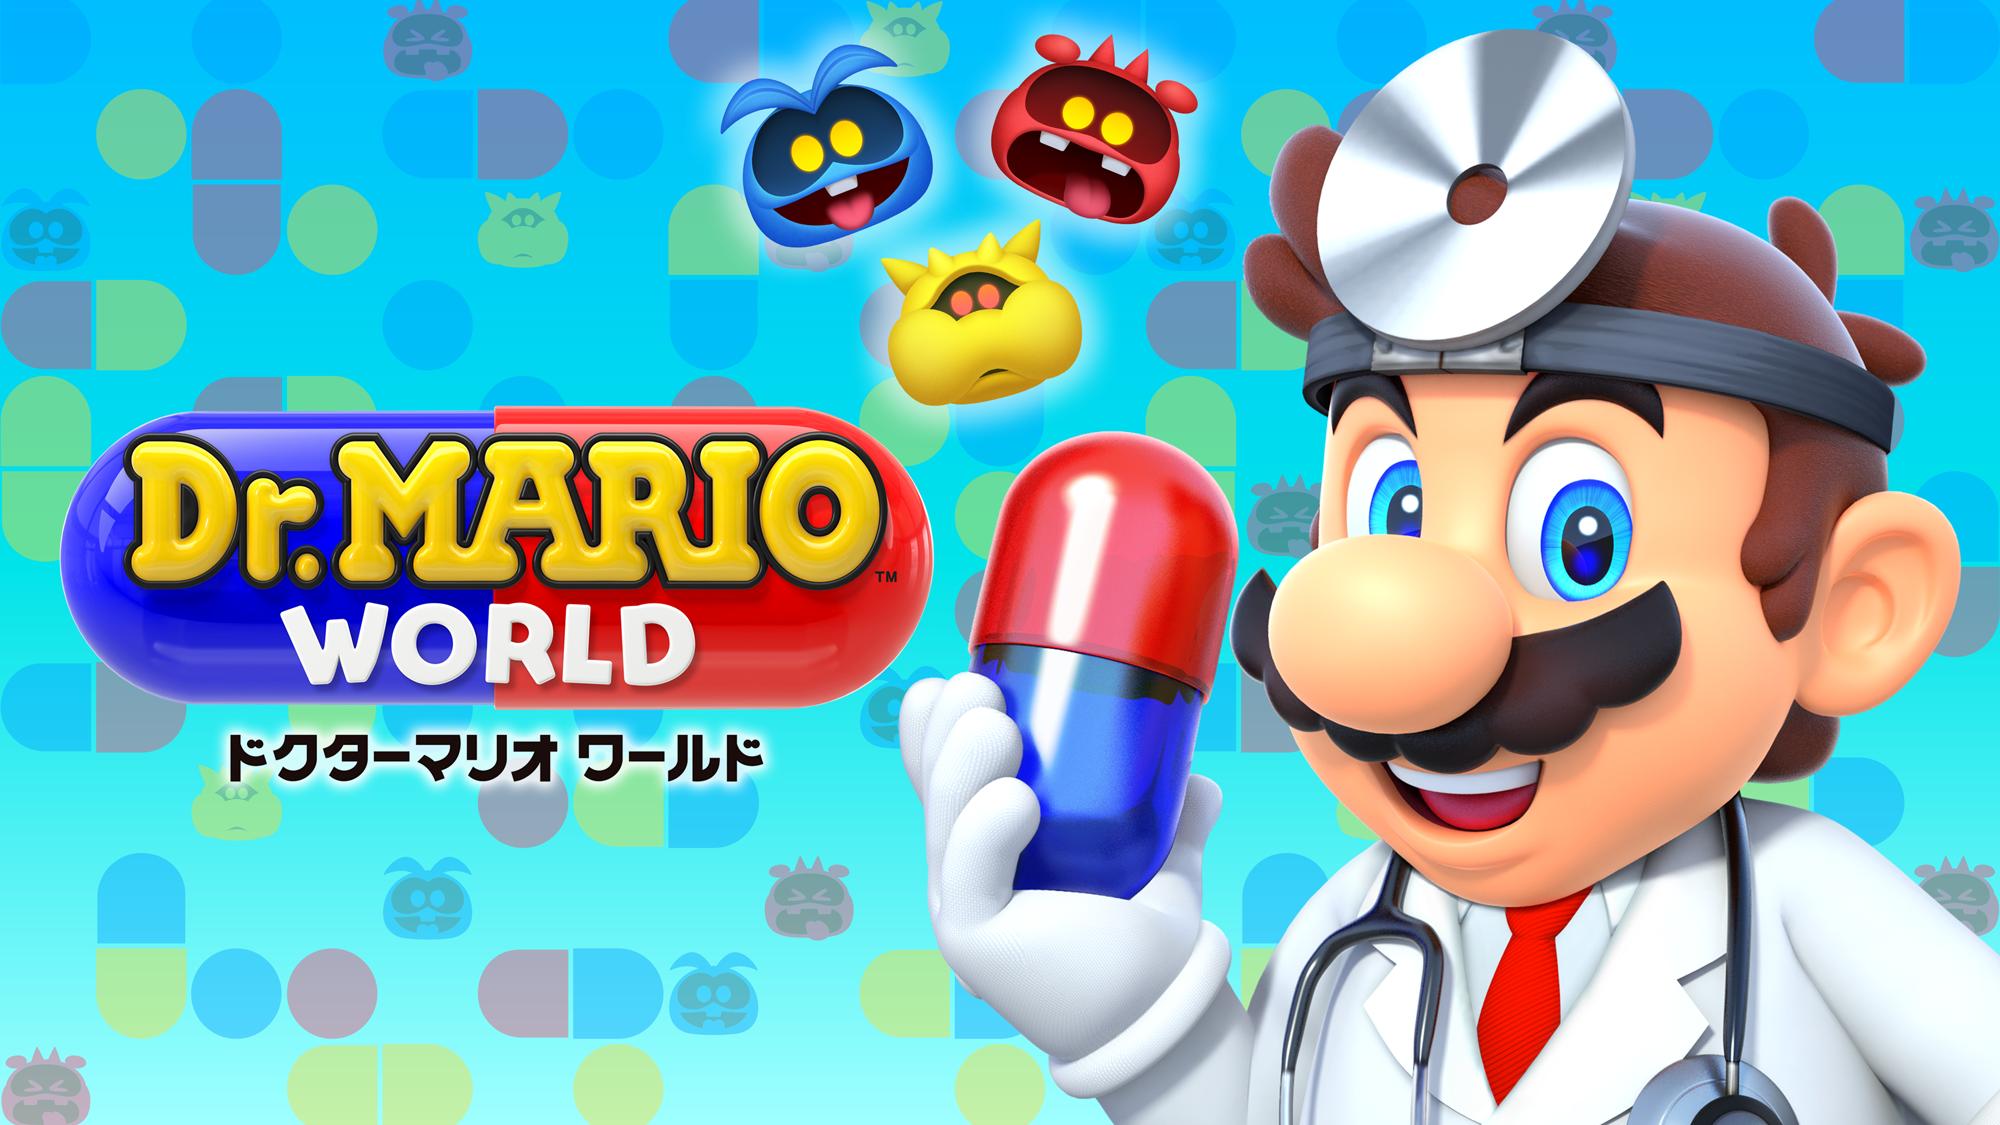 LINE、NHN、任天堂の3社が共同開発するゲームアプリ『Dr. Mario World』7月10日に配信決定